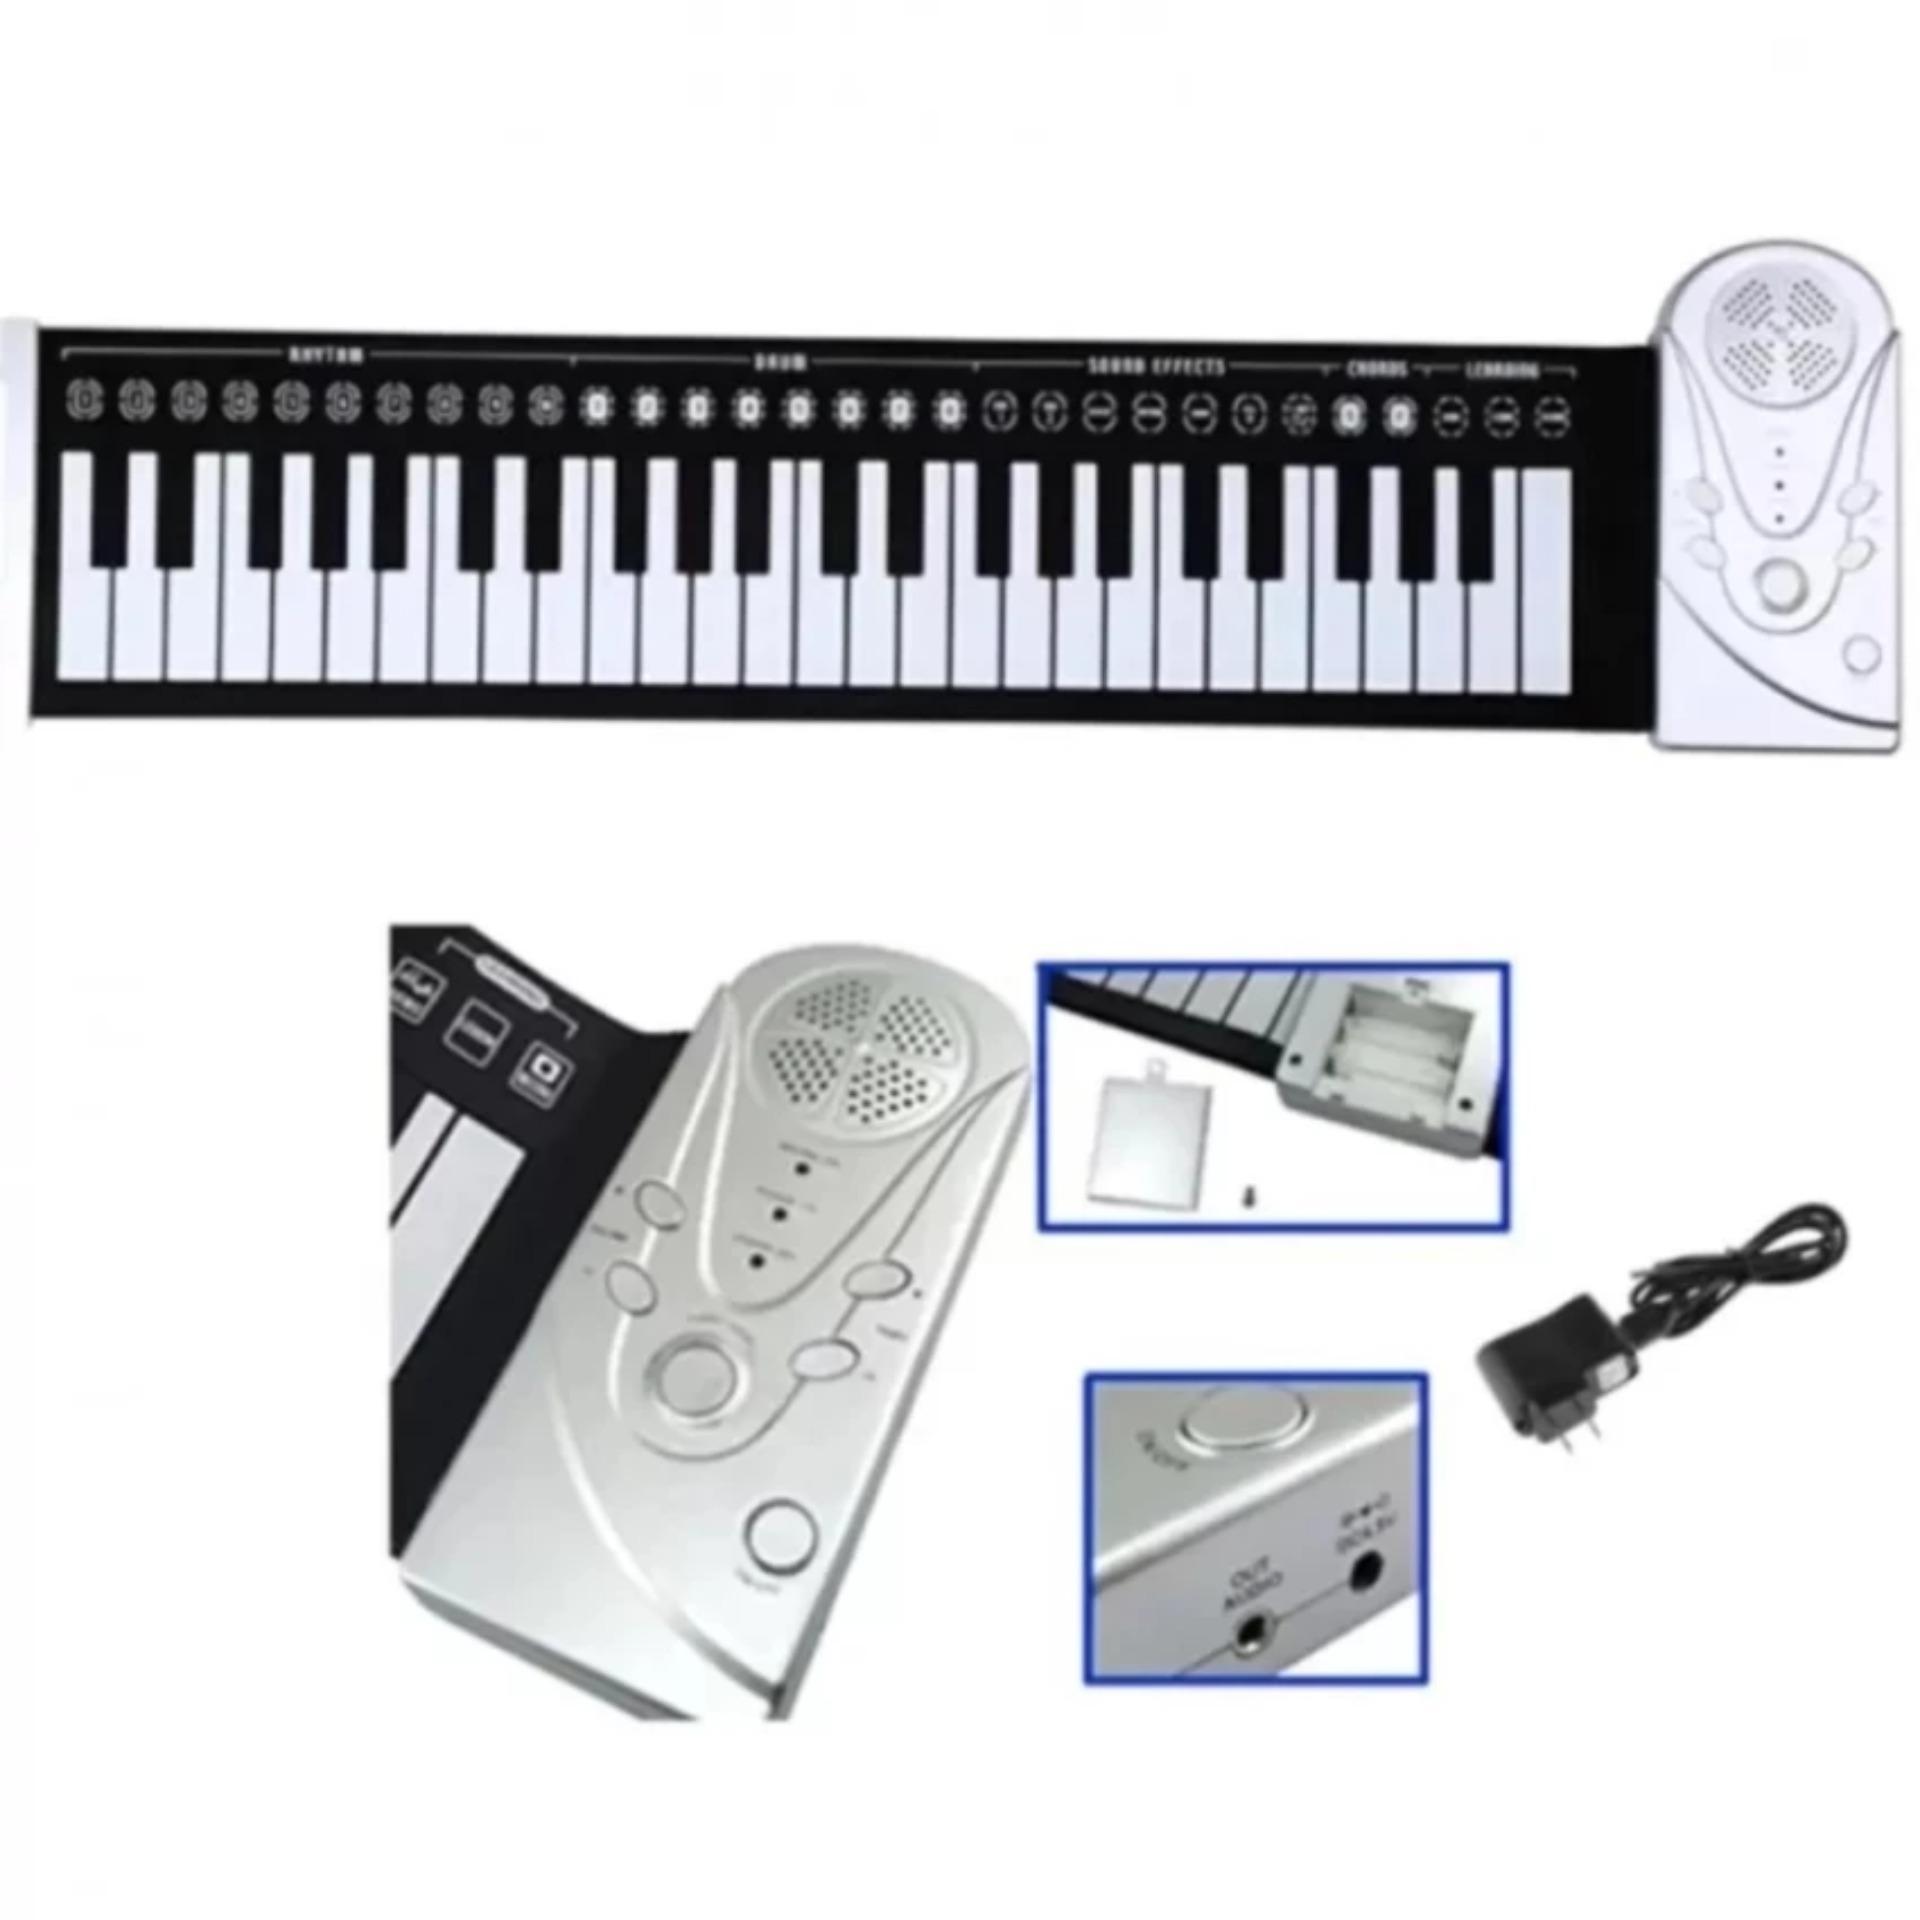 ĐÀN PIANO ĐIỆN TỬ BÀN PHÍM CUỘN DẺO GẤP GỌN DỄ DÀNG 49 PHÍM